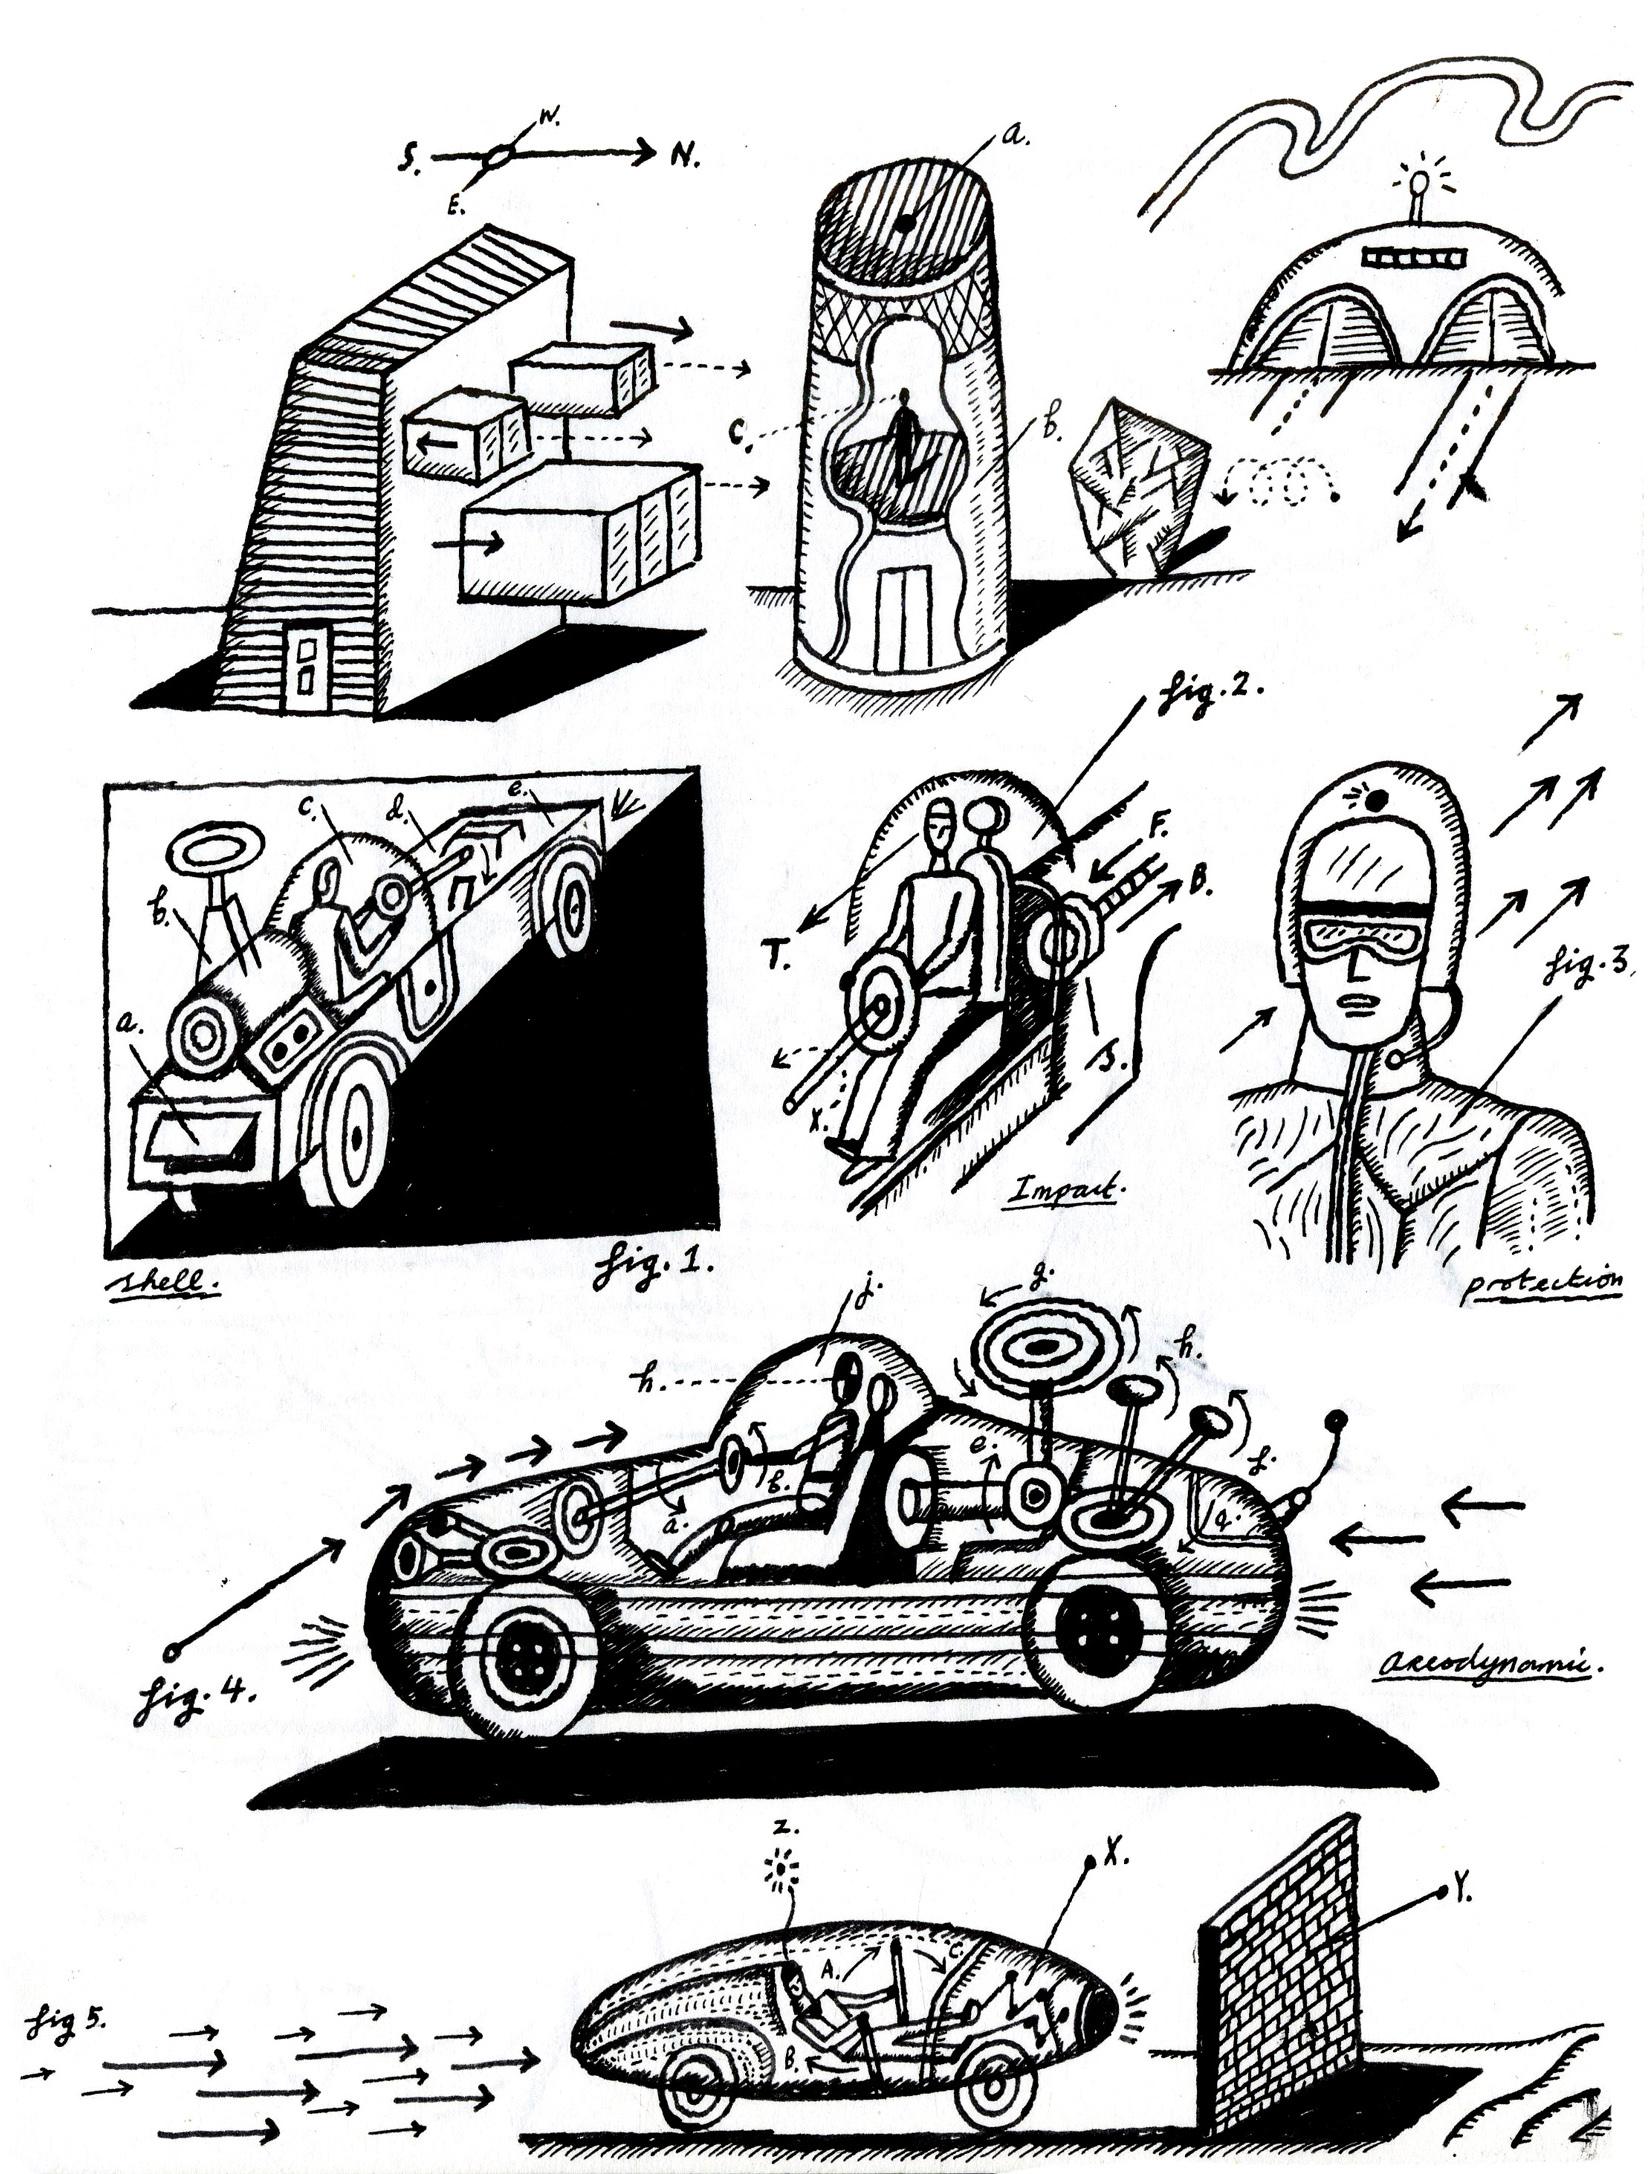 Rad Car